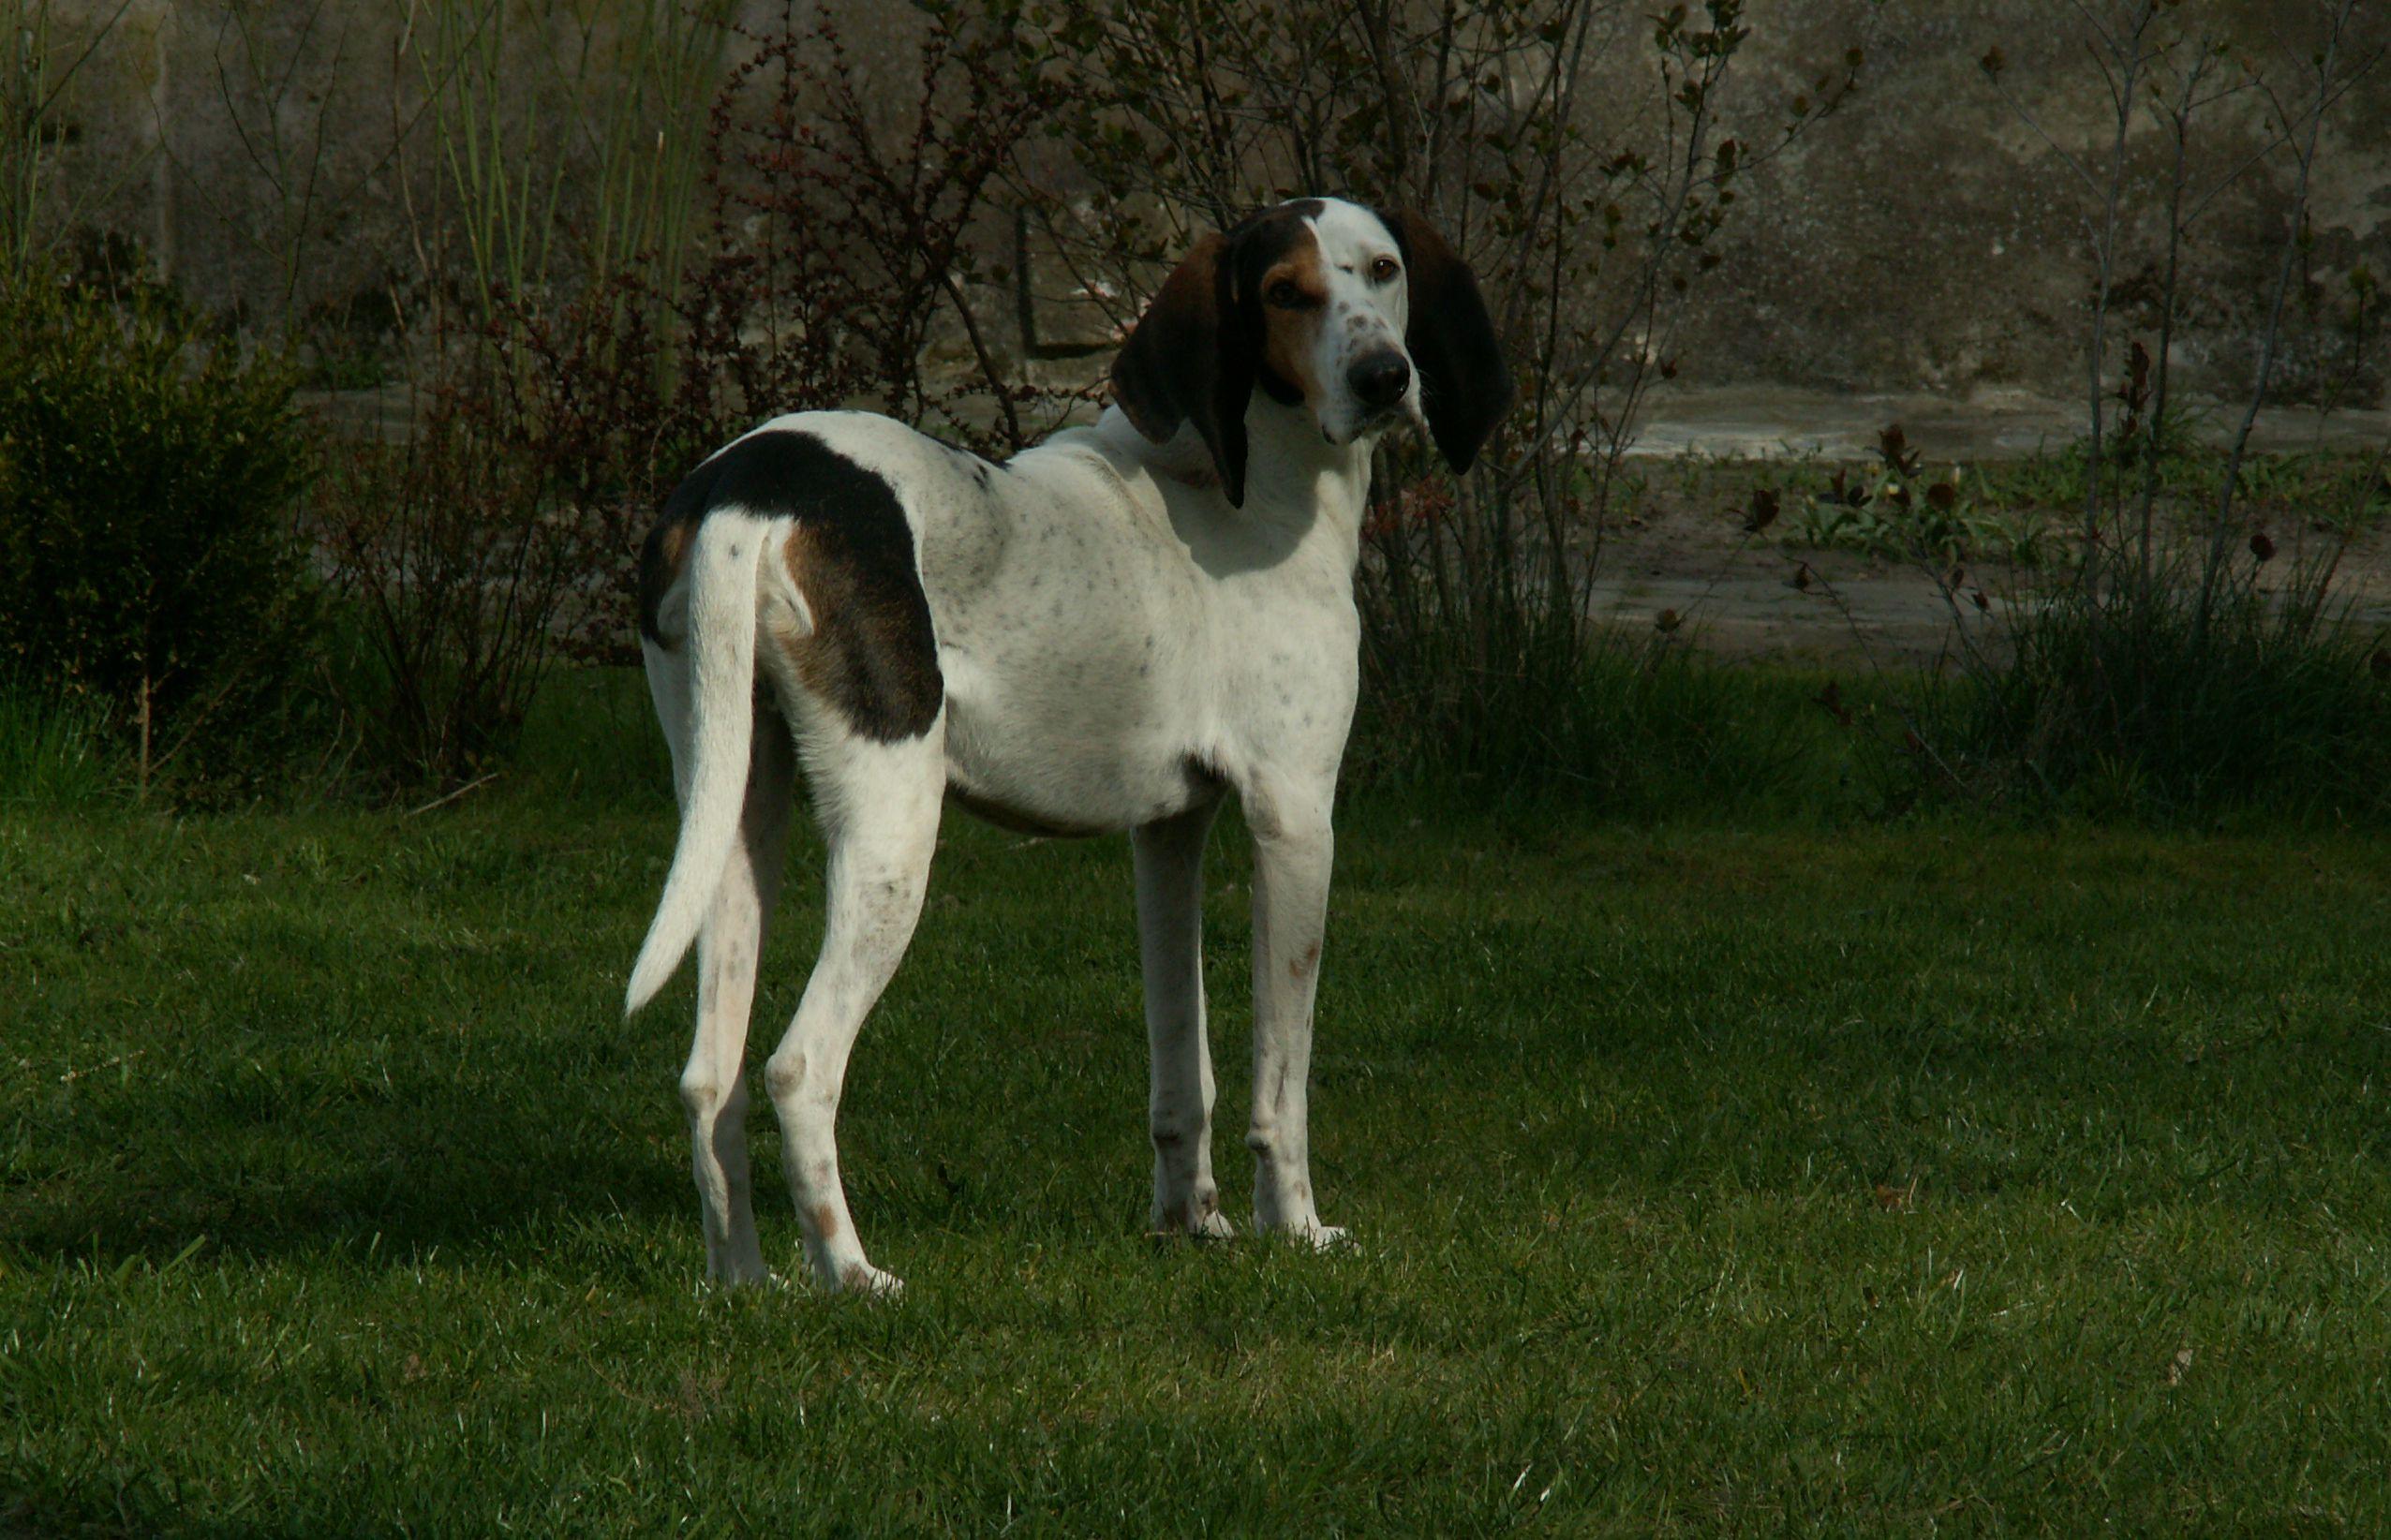 Eddas Hund, Referenzfoto.